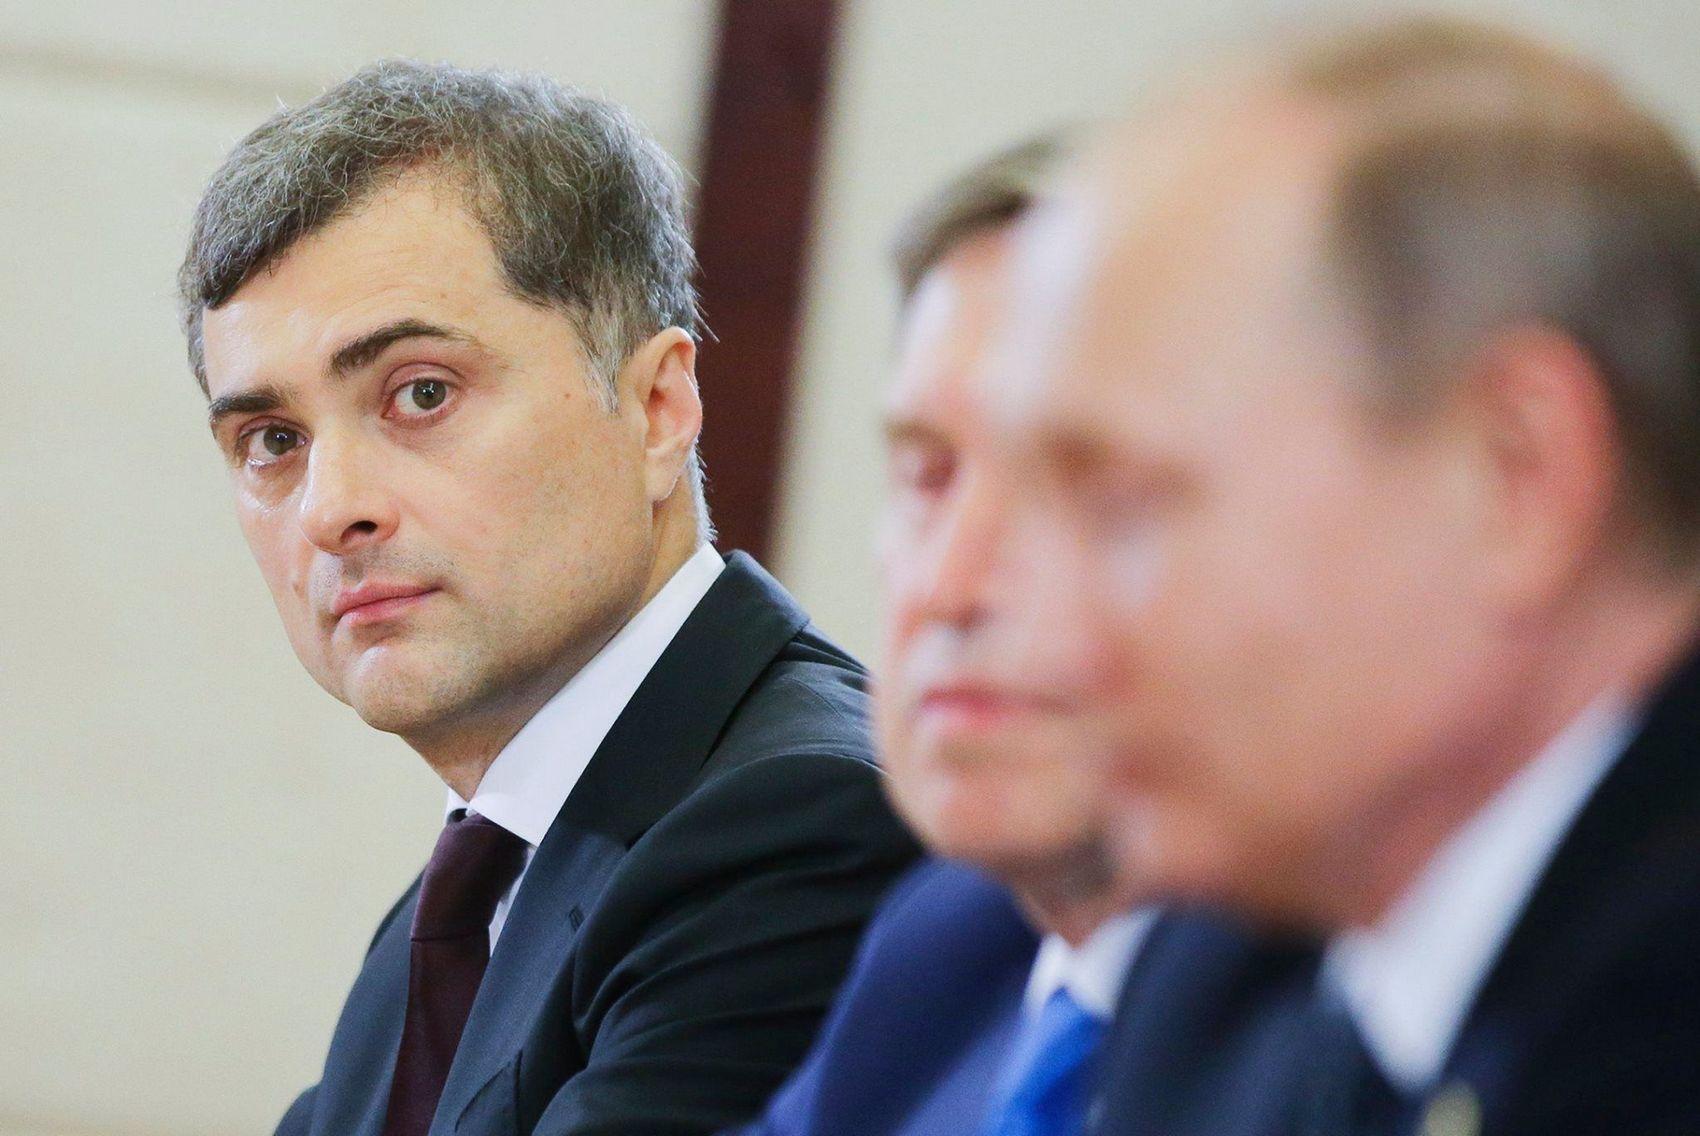 Песков: Владимир Путин встречался с Сурковым перед отставкой